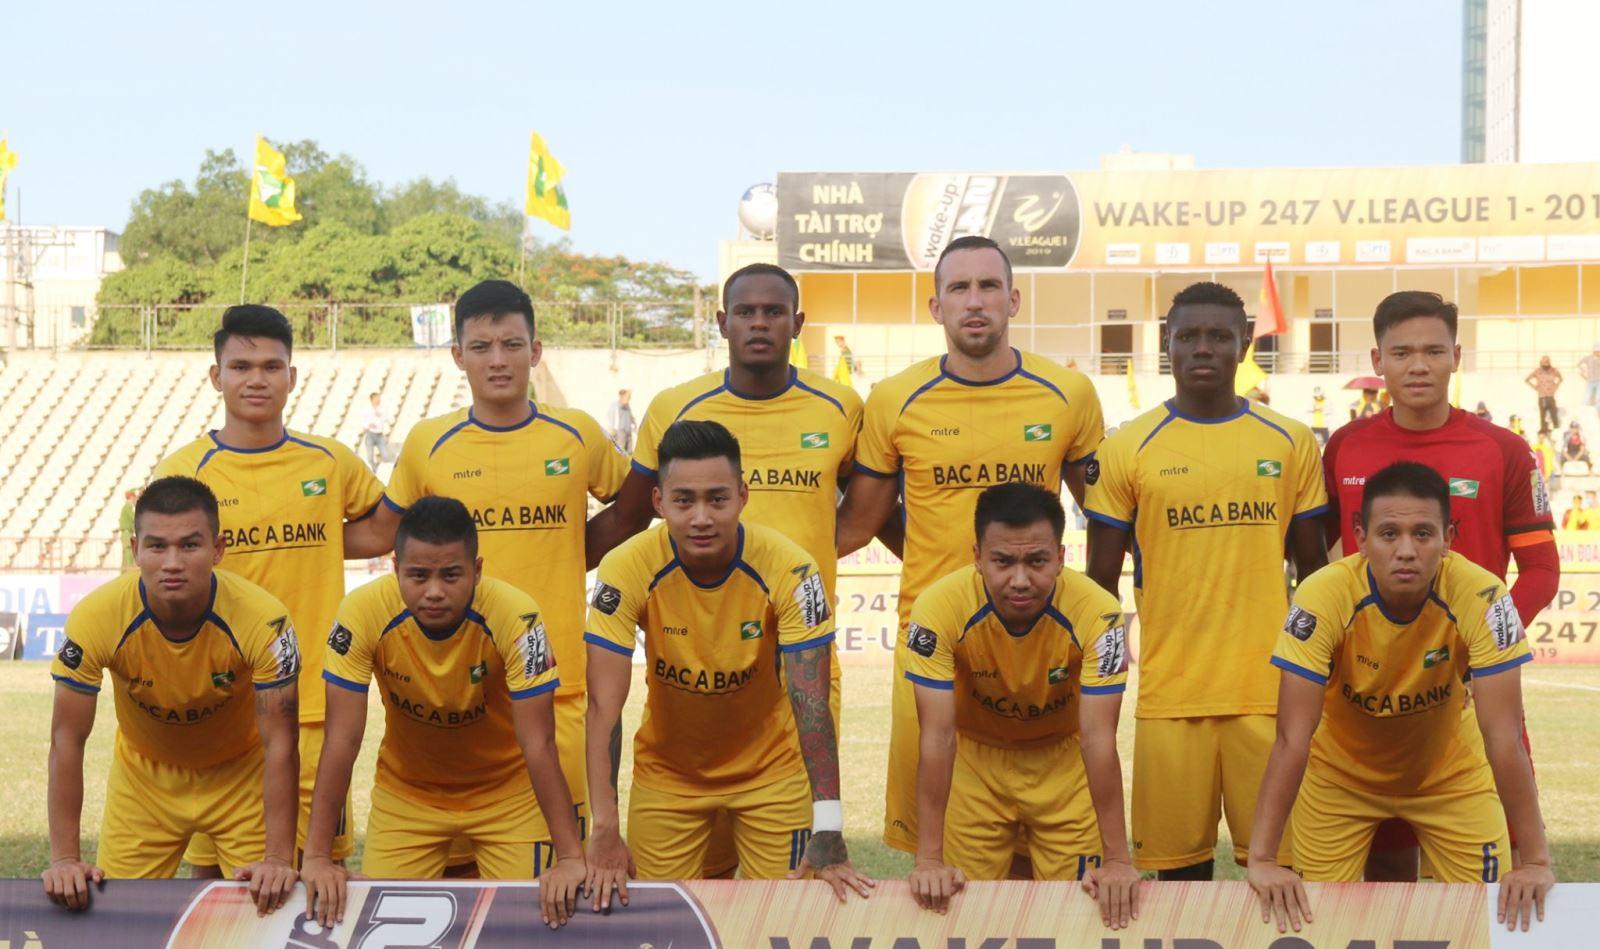 trực tiếp bóng đá, SLNA vs Viettel, truc tiep bong da, Sông Lam Nghệ An đấu với Viettel, truc tiep bong da hôm nay, V League, VTV6, Bóng đá TV, xem trực tuyến, BXH V League 2019